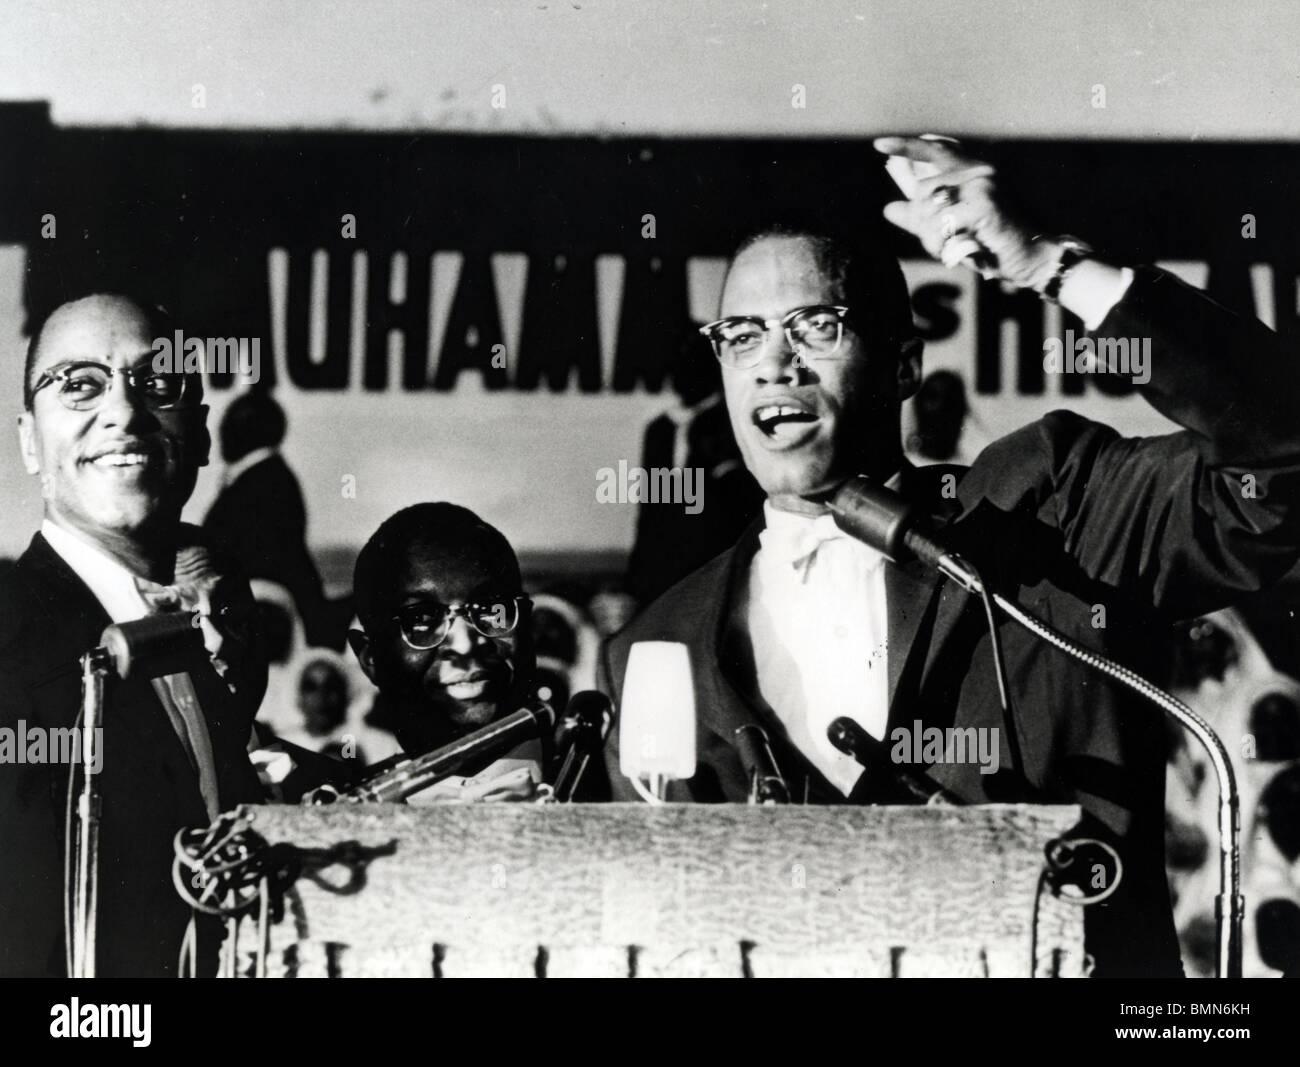 MALCOLM X (1925-1965) Ministro afroamericano y activista de los derechos humanos, como jefe de la autodenominada Foto de stock